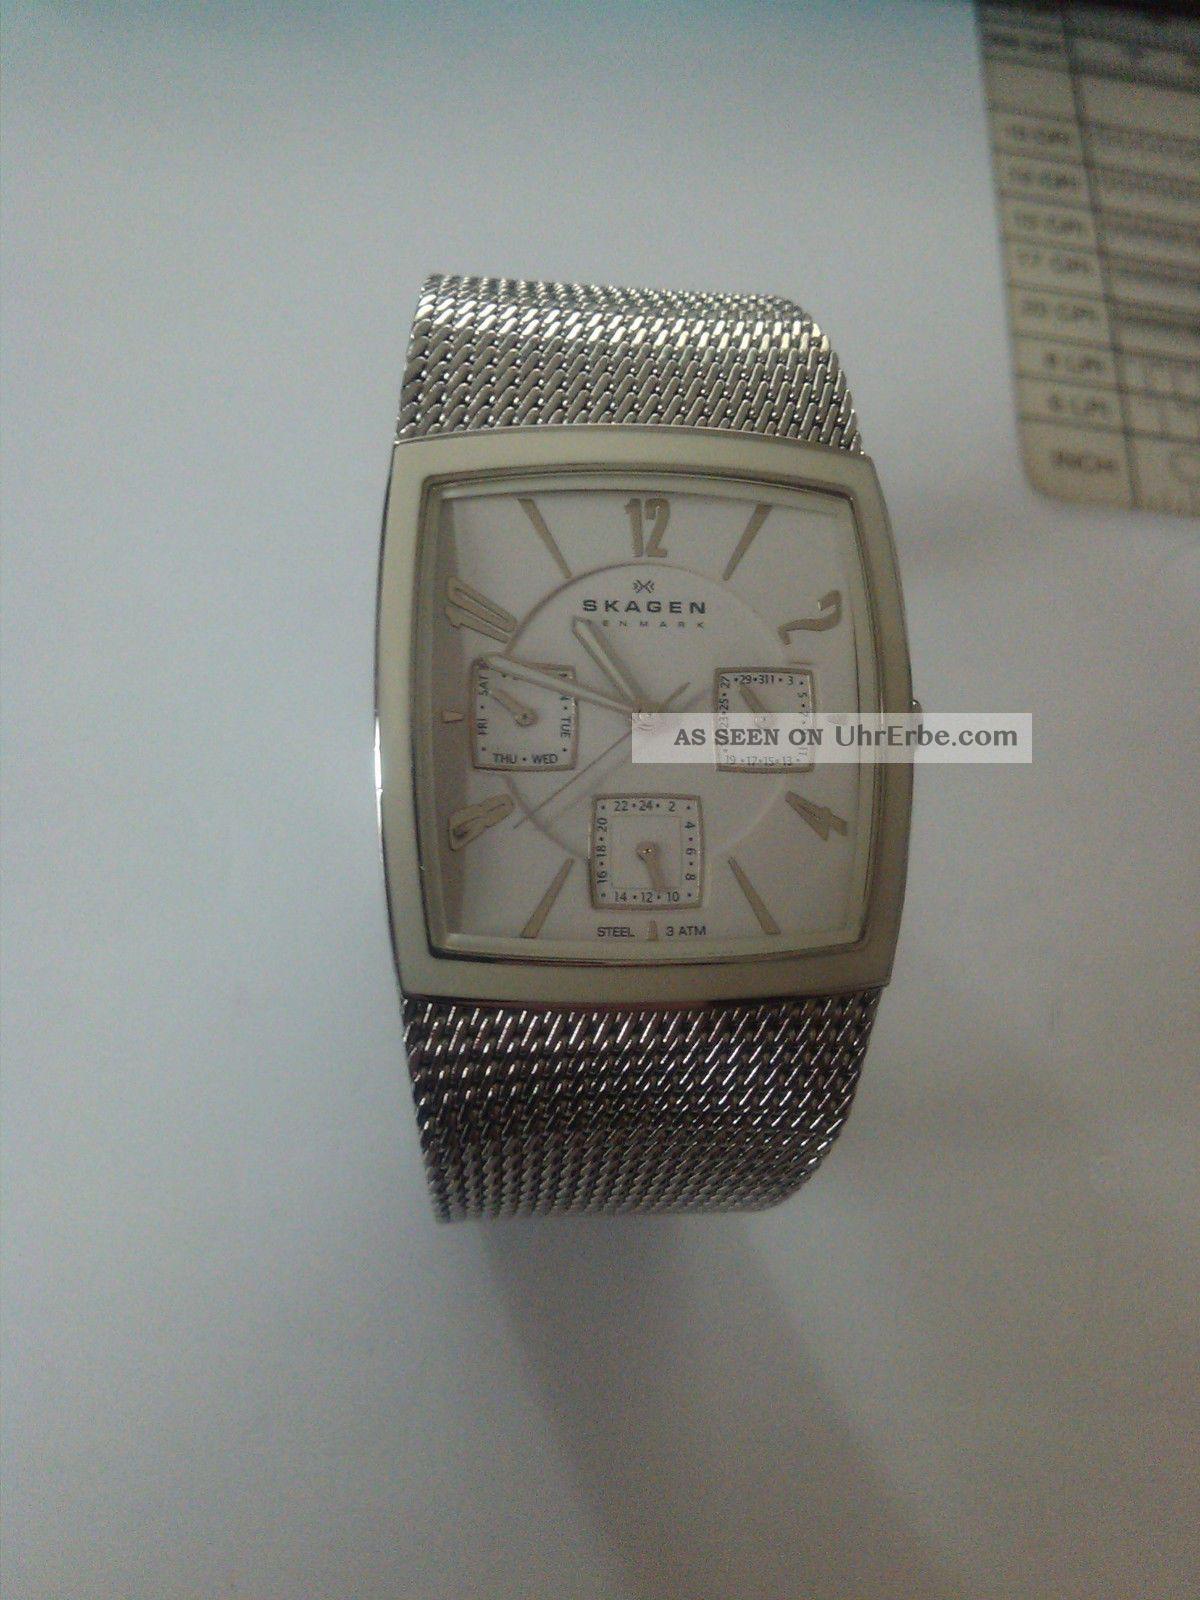 Skagen Damen Armbanduhr Modell 562sssw Armbanduhren Bild